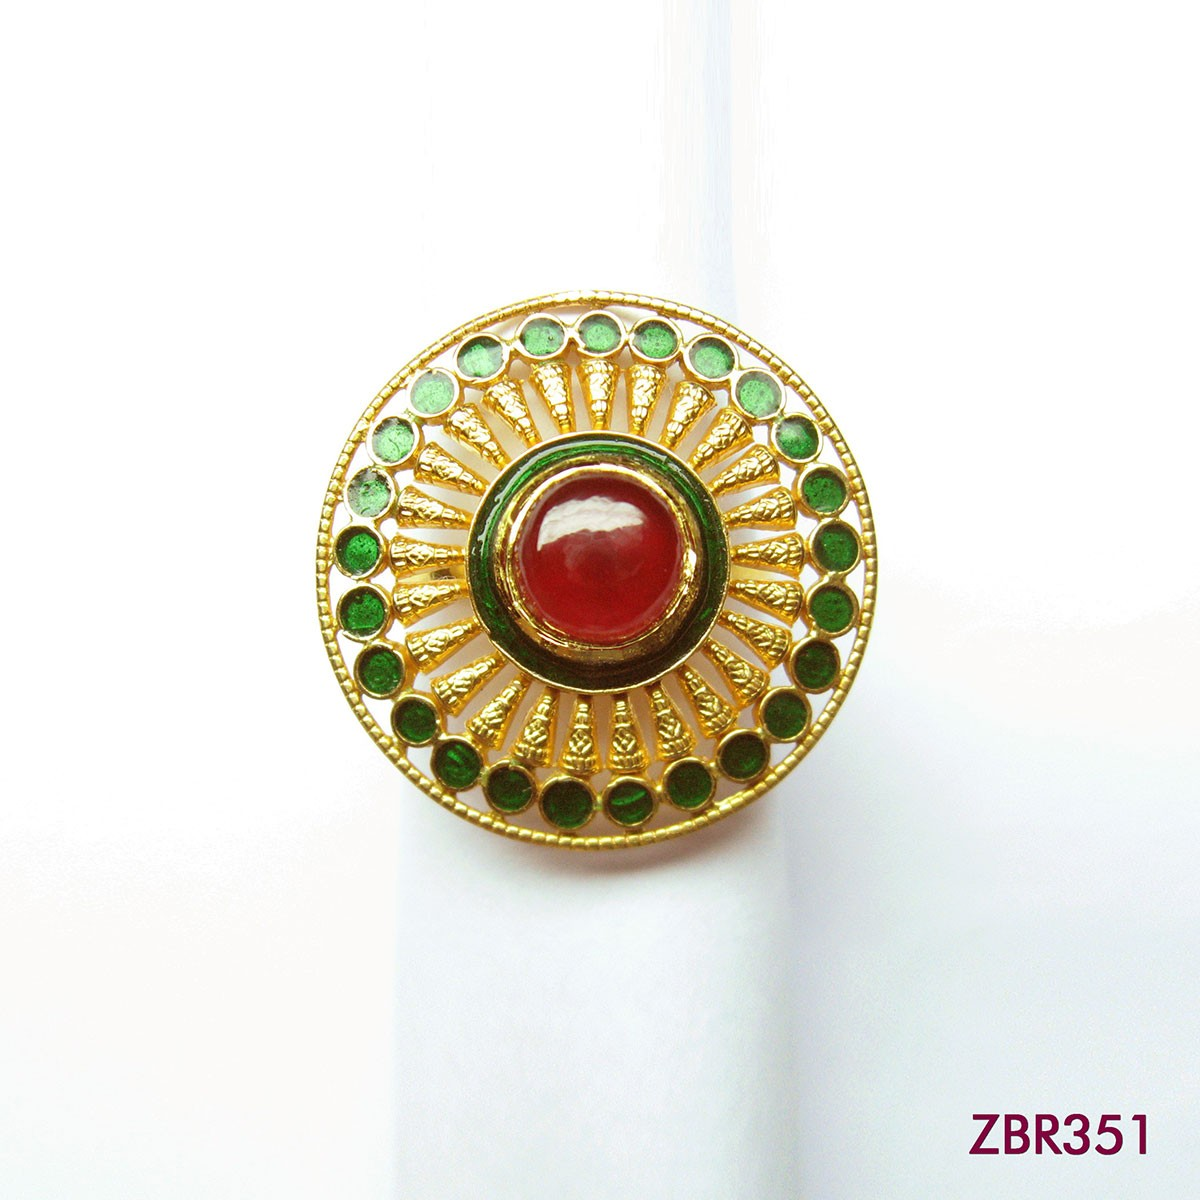 ZBR351